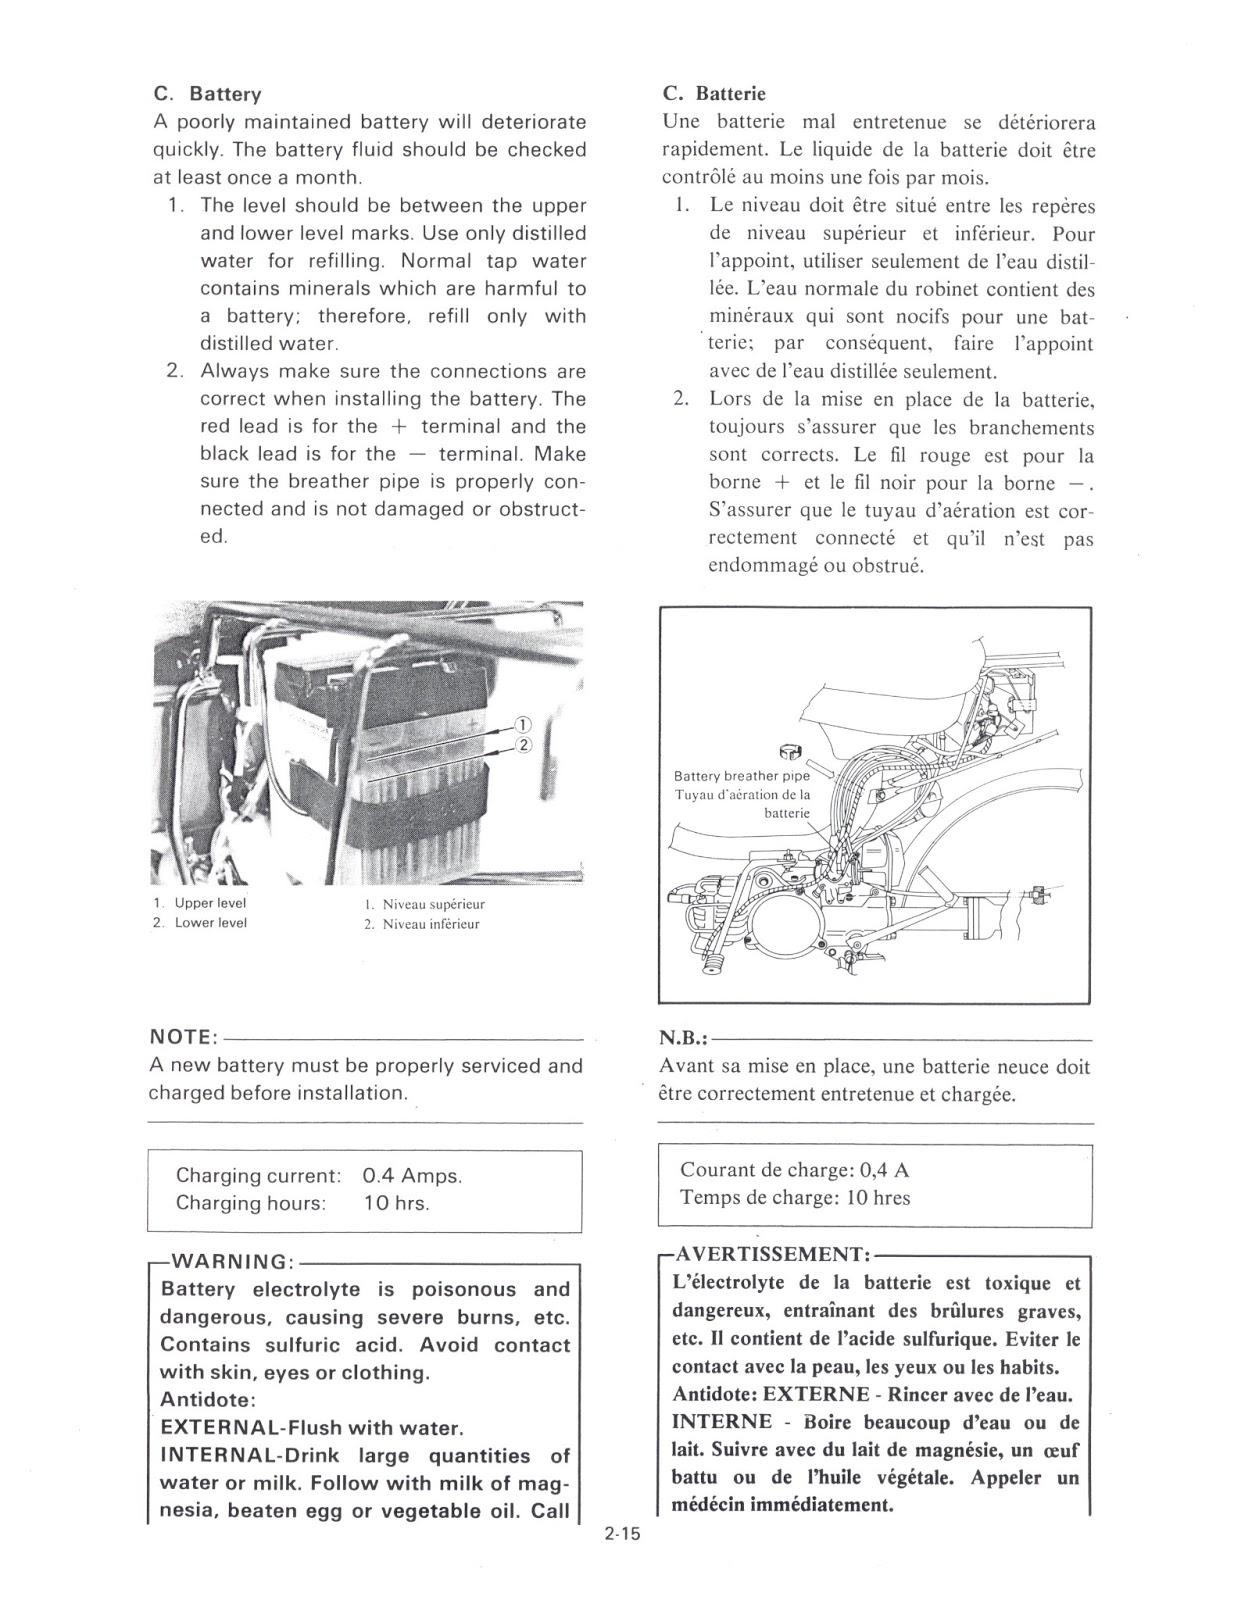 yamaha qt50 manual pdf